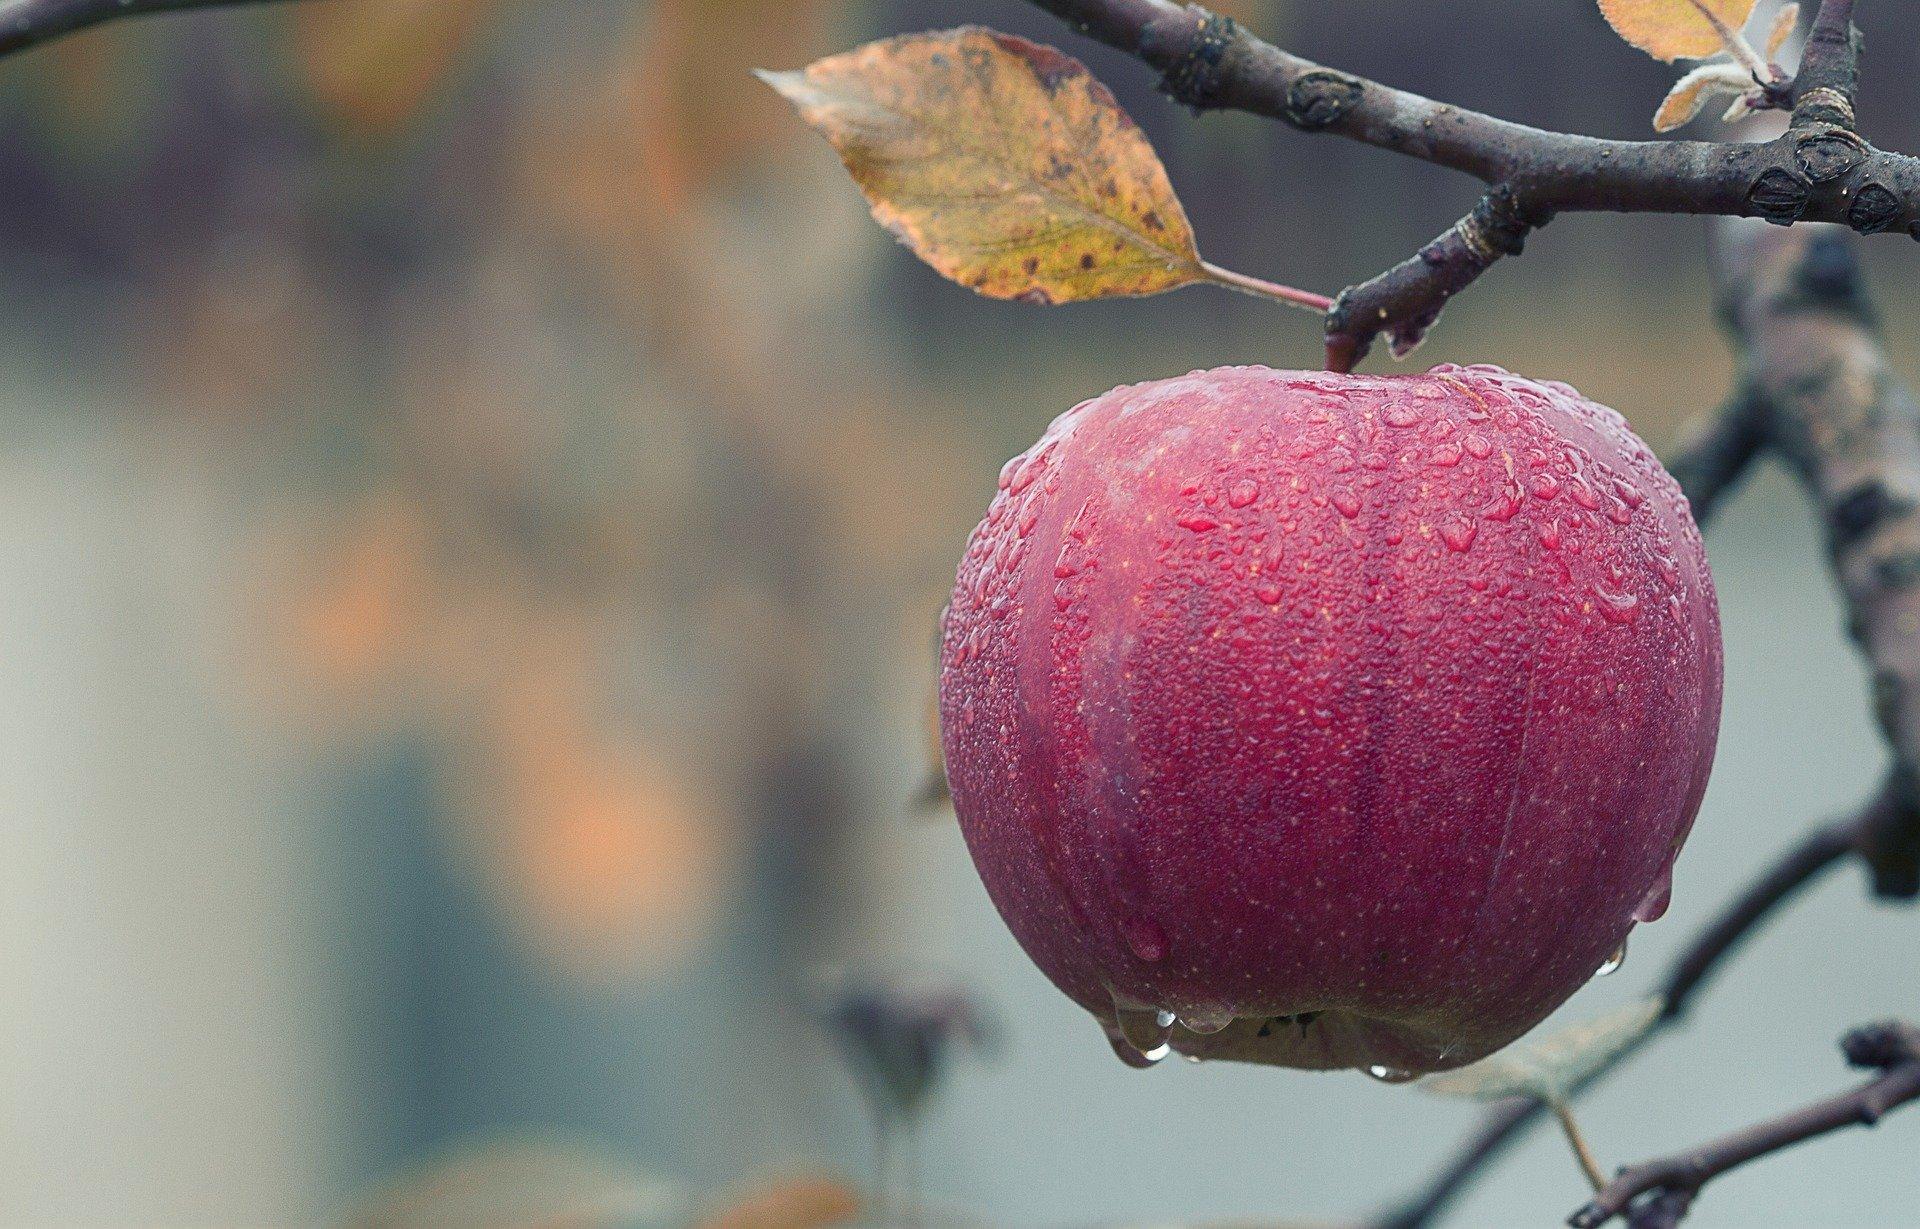 Një mollë në ditë, mban doktorin larg. Mit apo Fakt?